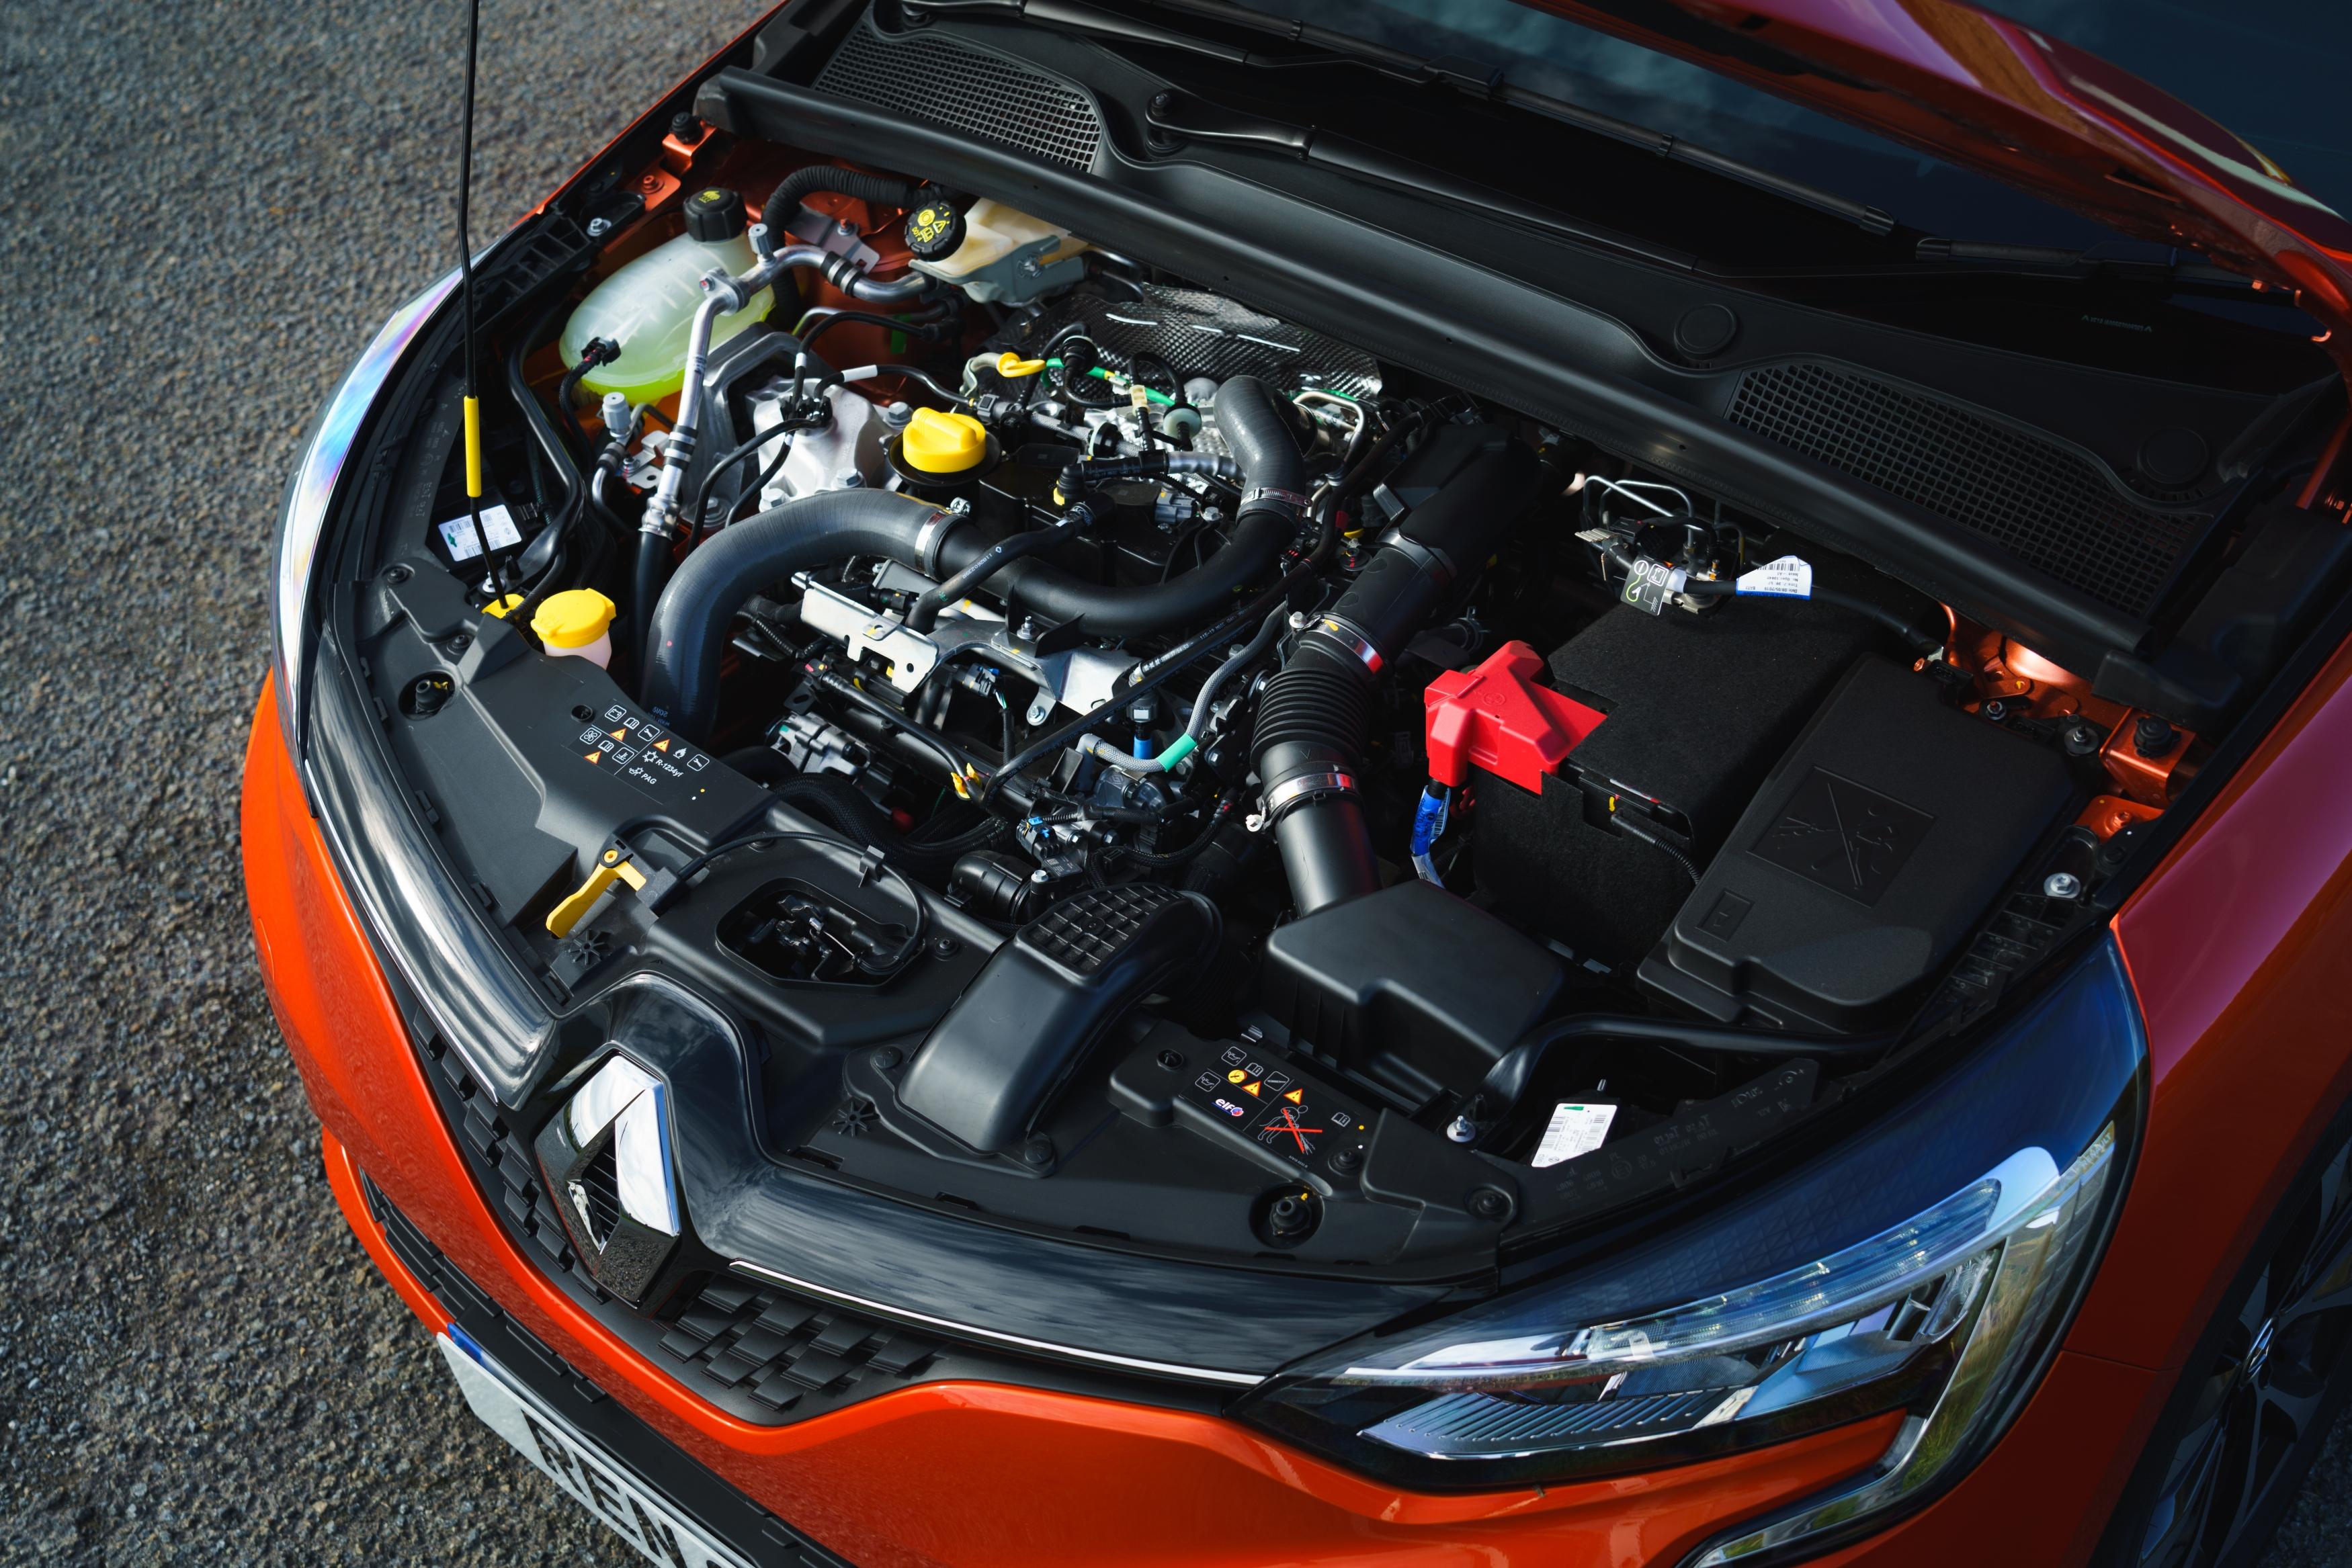 Renault Clio engine static